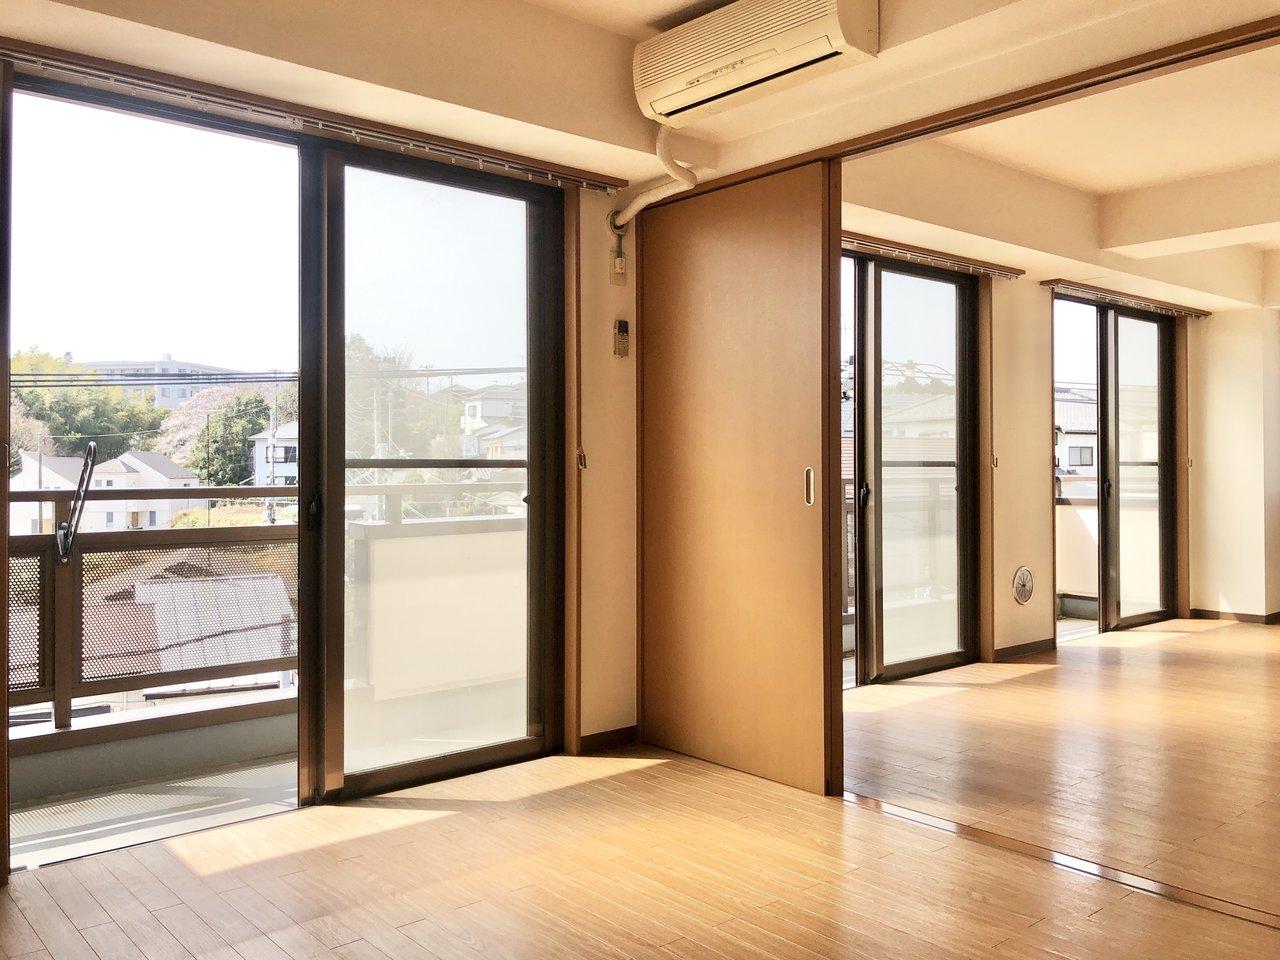 1つ目の個室はリビングと仕切り戸でつながっています。普段は開け放して広々リビングとして。ワークスペースなどにする場合は仕切る、など間取りはシーンに合わせて変えましょう。